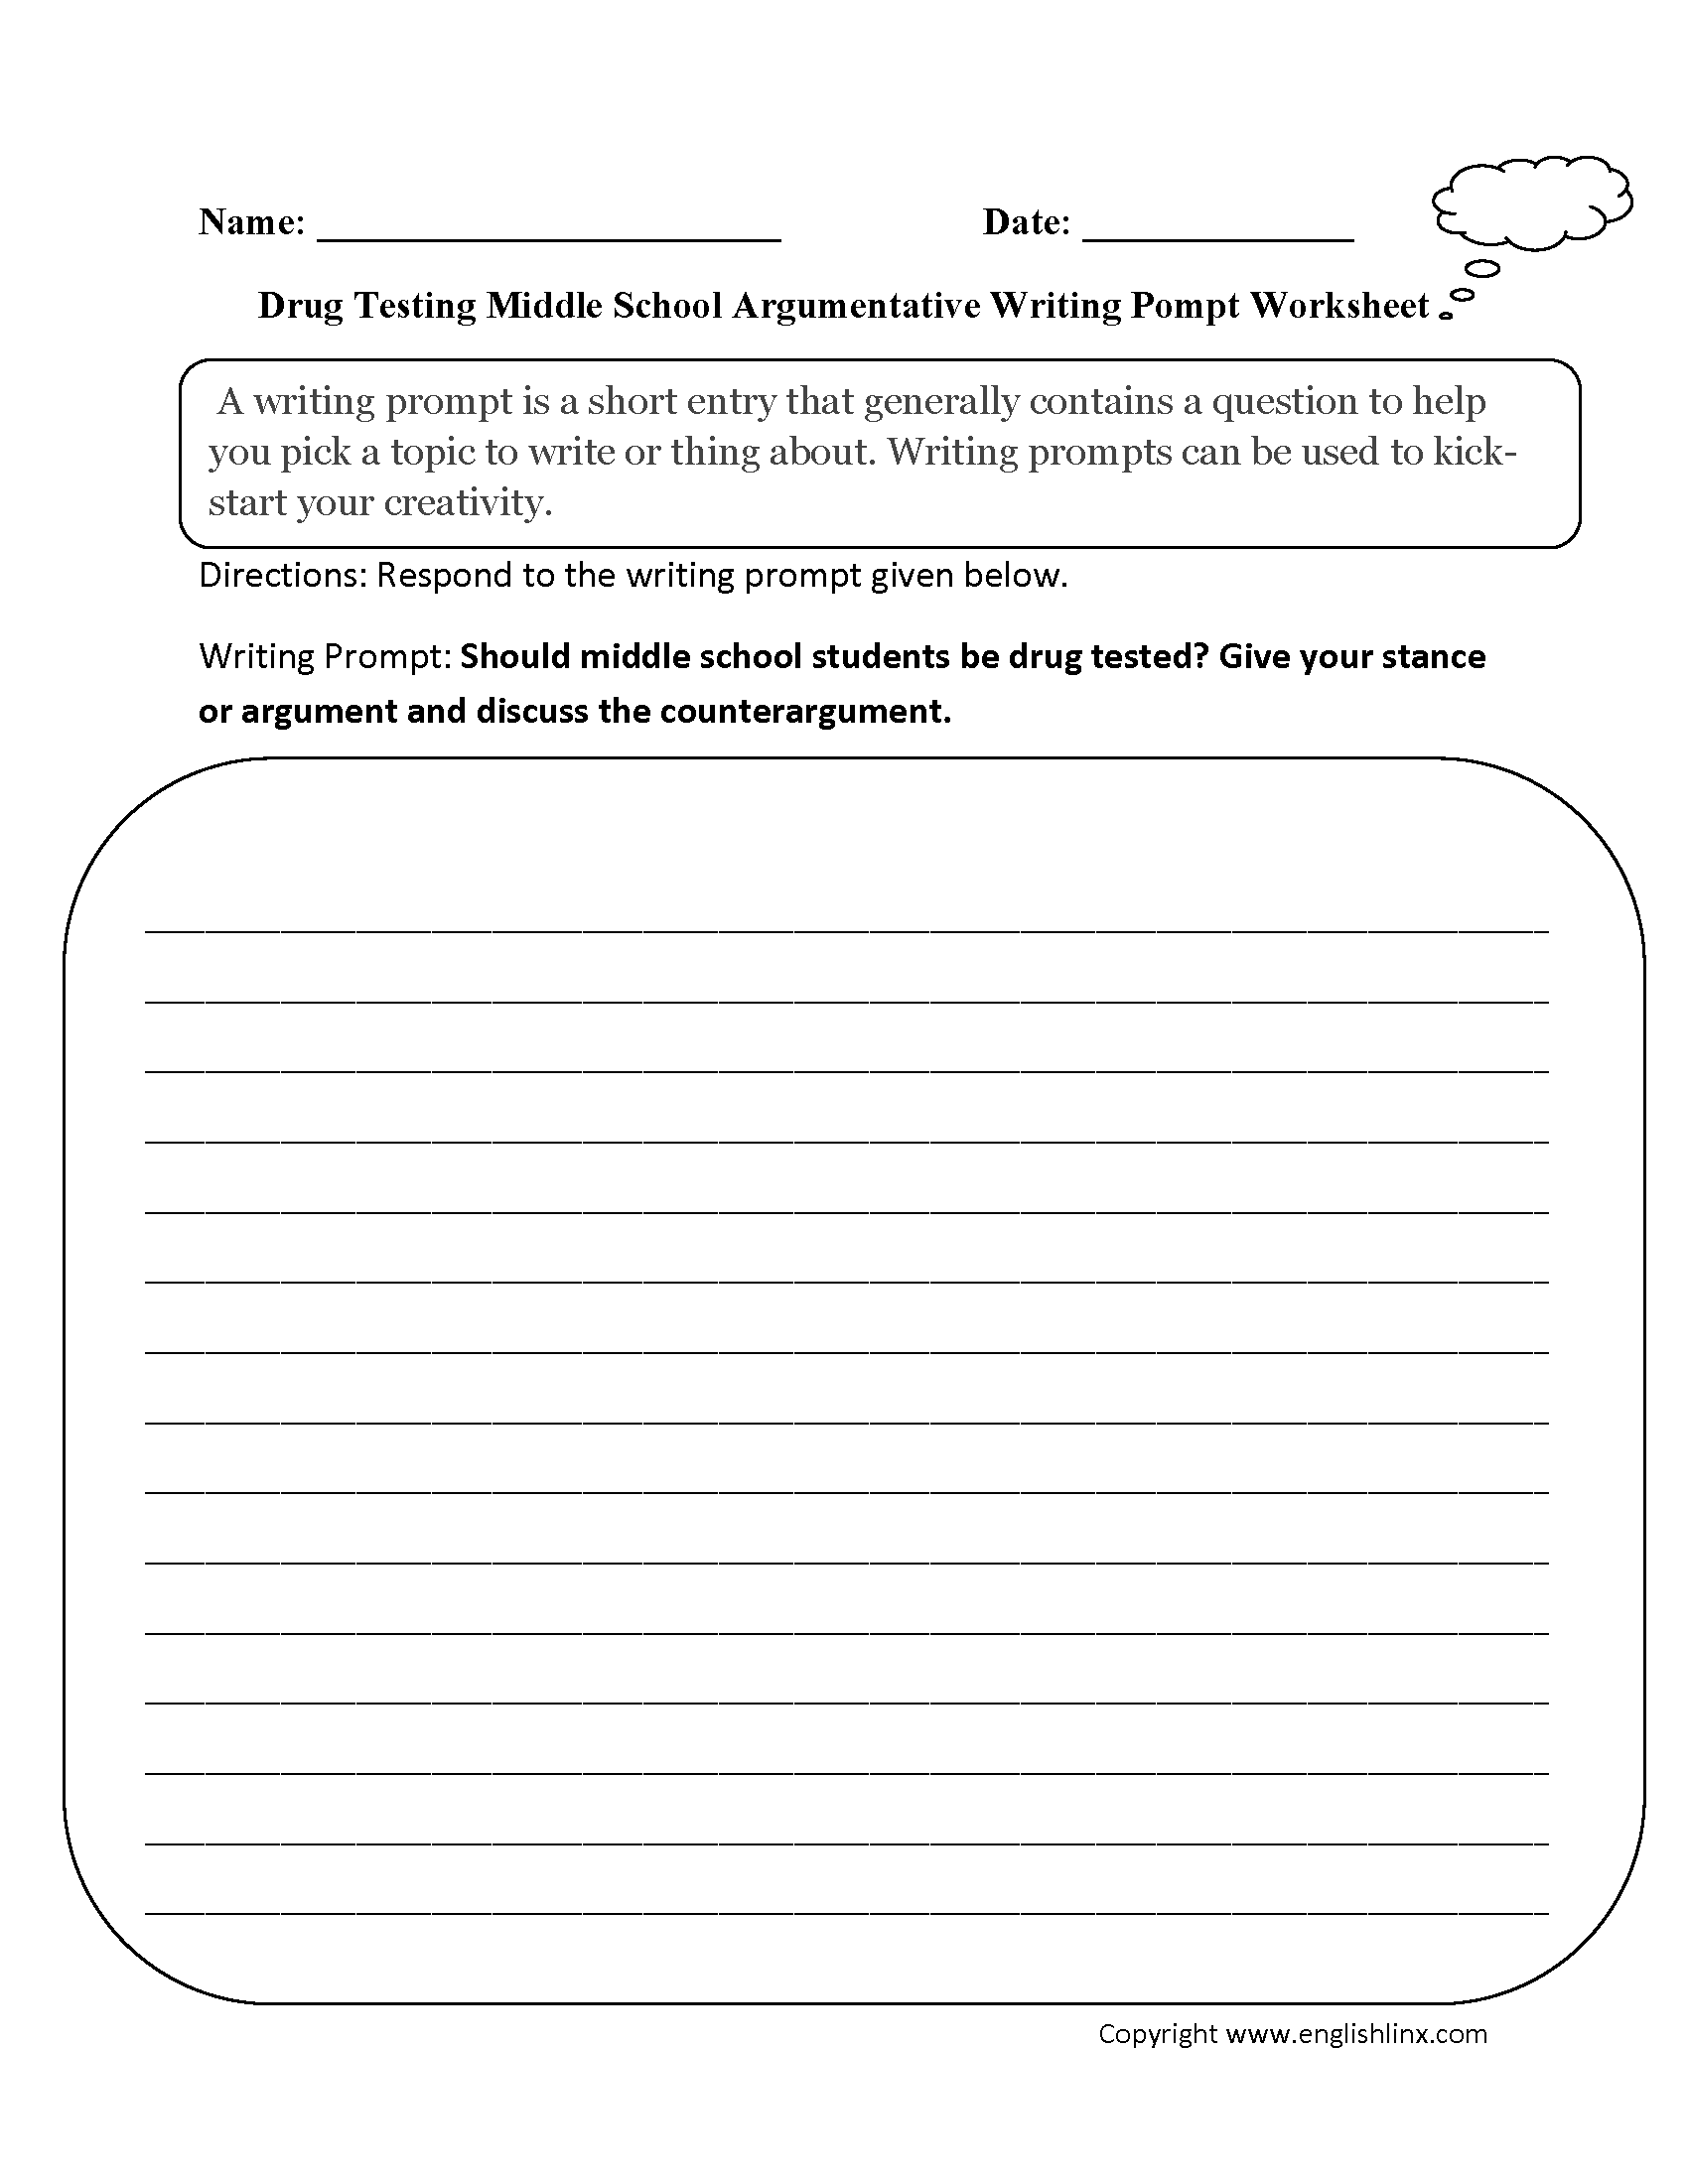 Worksheets Essay Worksheets drug testing argumentative writing prompts worksheets englishlinx worksheets